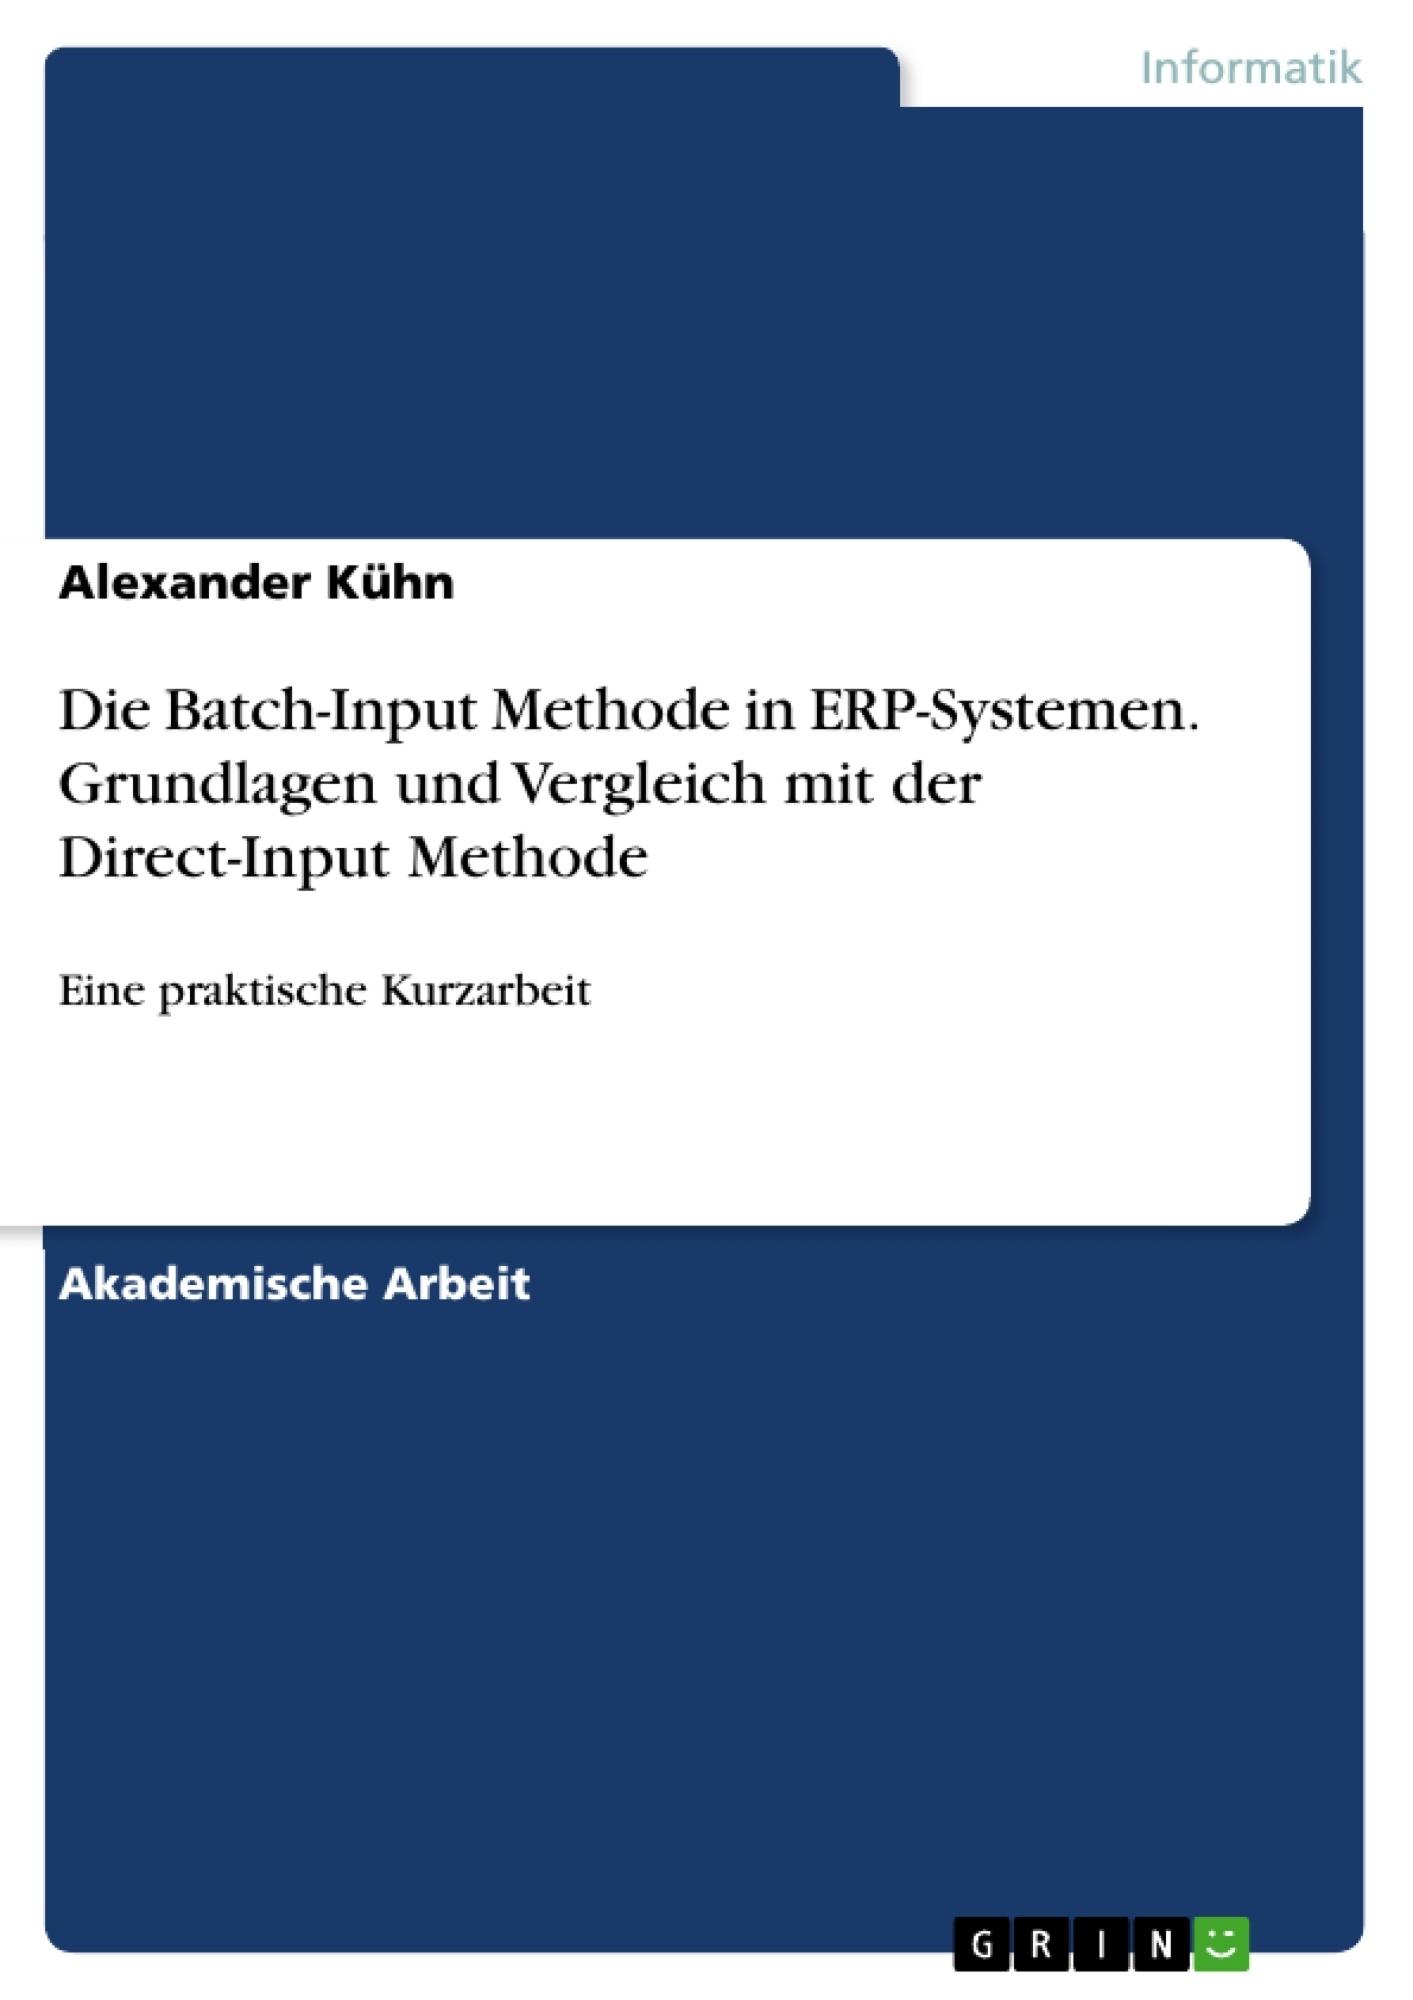 Titel: Die Batch-Input Methode in ERP-Systemen. Grundlagen und Vergleich mit der Direct-Input Methode